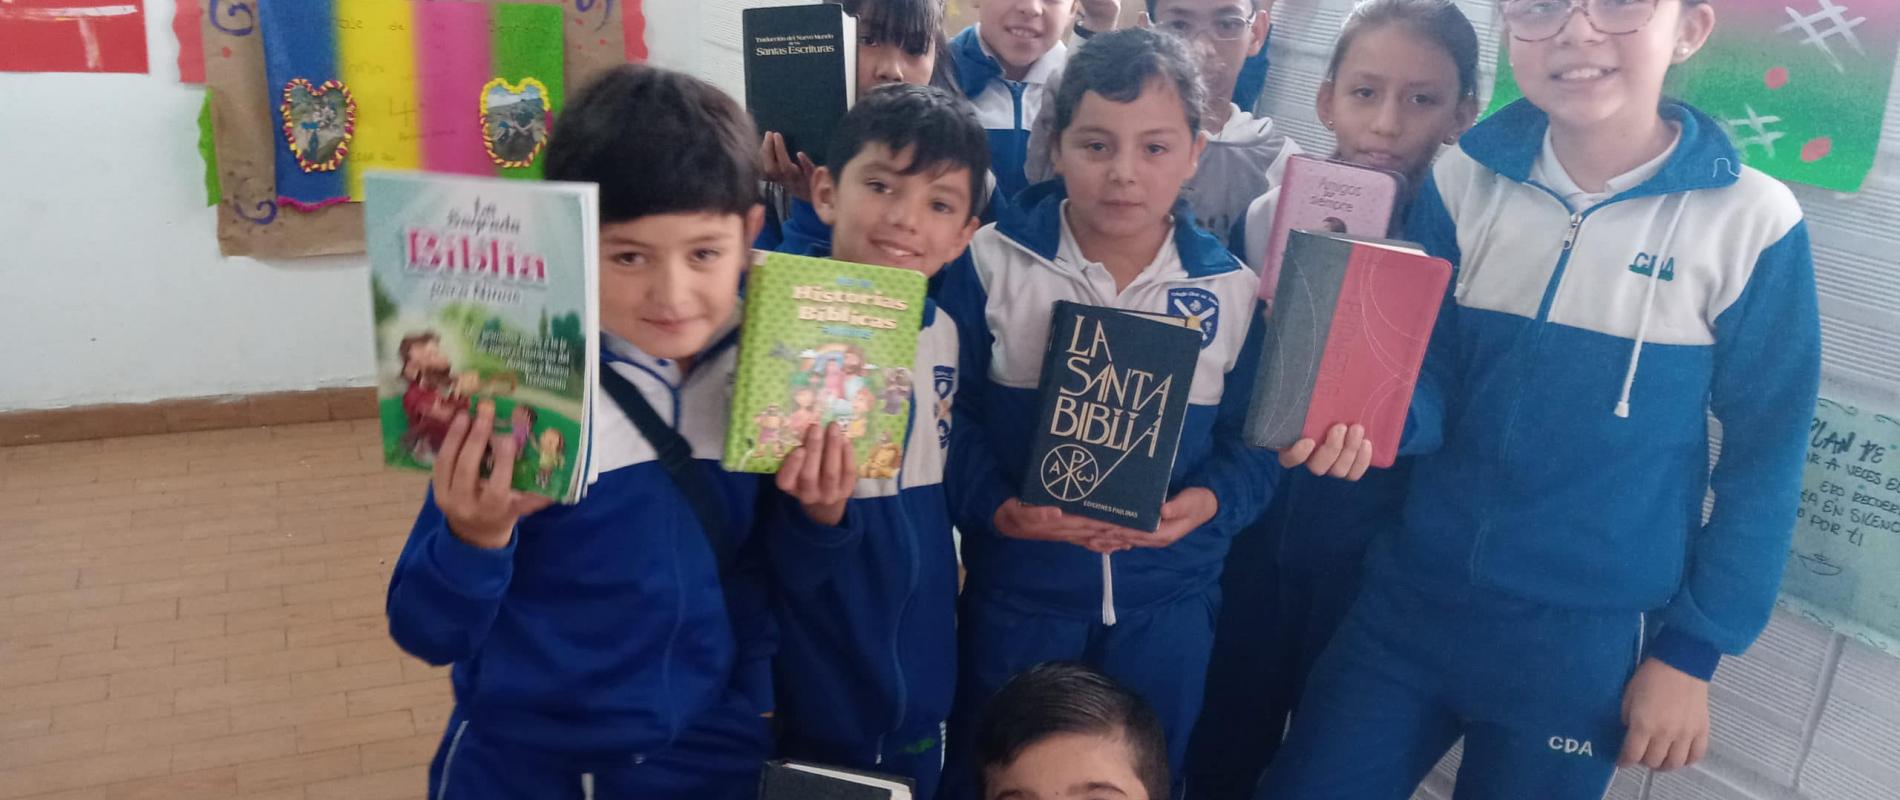 Report 1 2020 activities conviventia education (7)